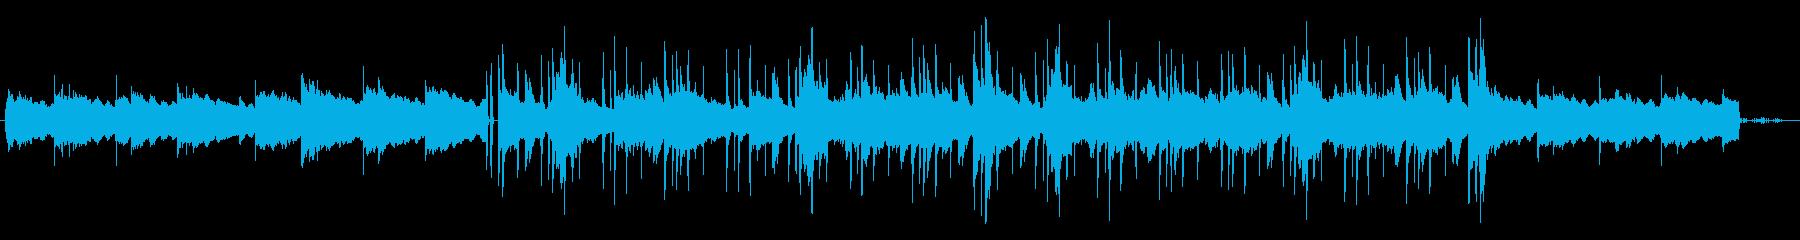 おしゃれなバー Lo-Fi ムーディーの再生済みの波形